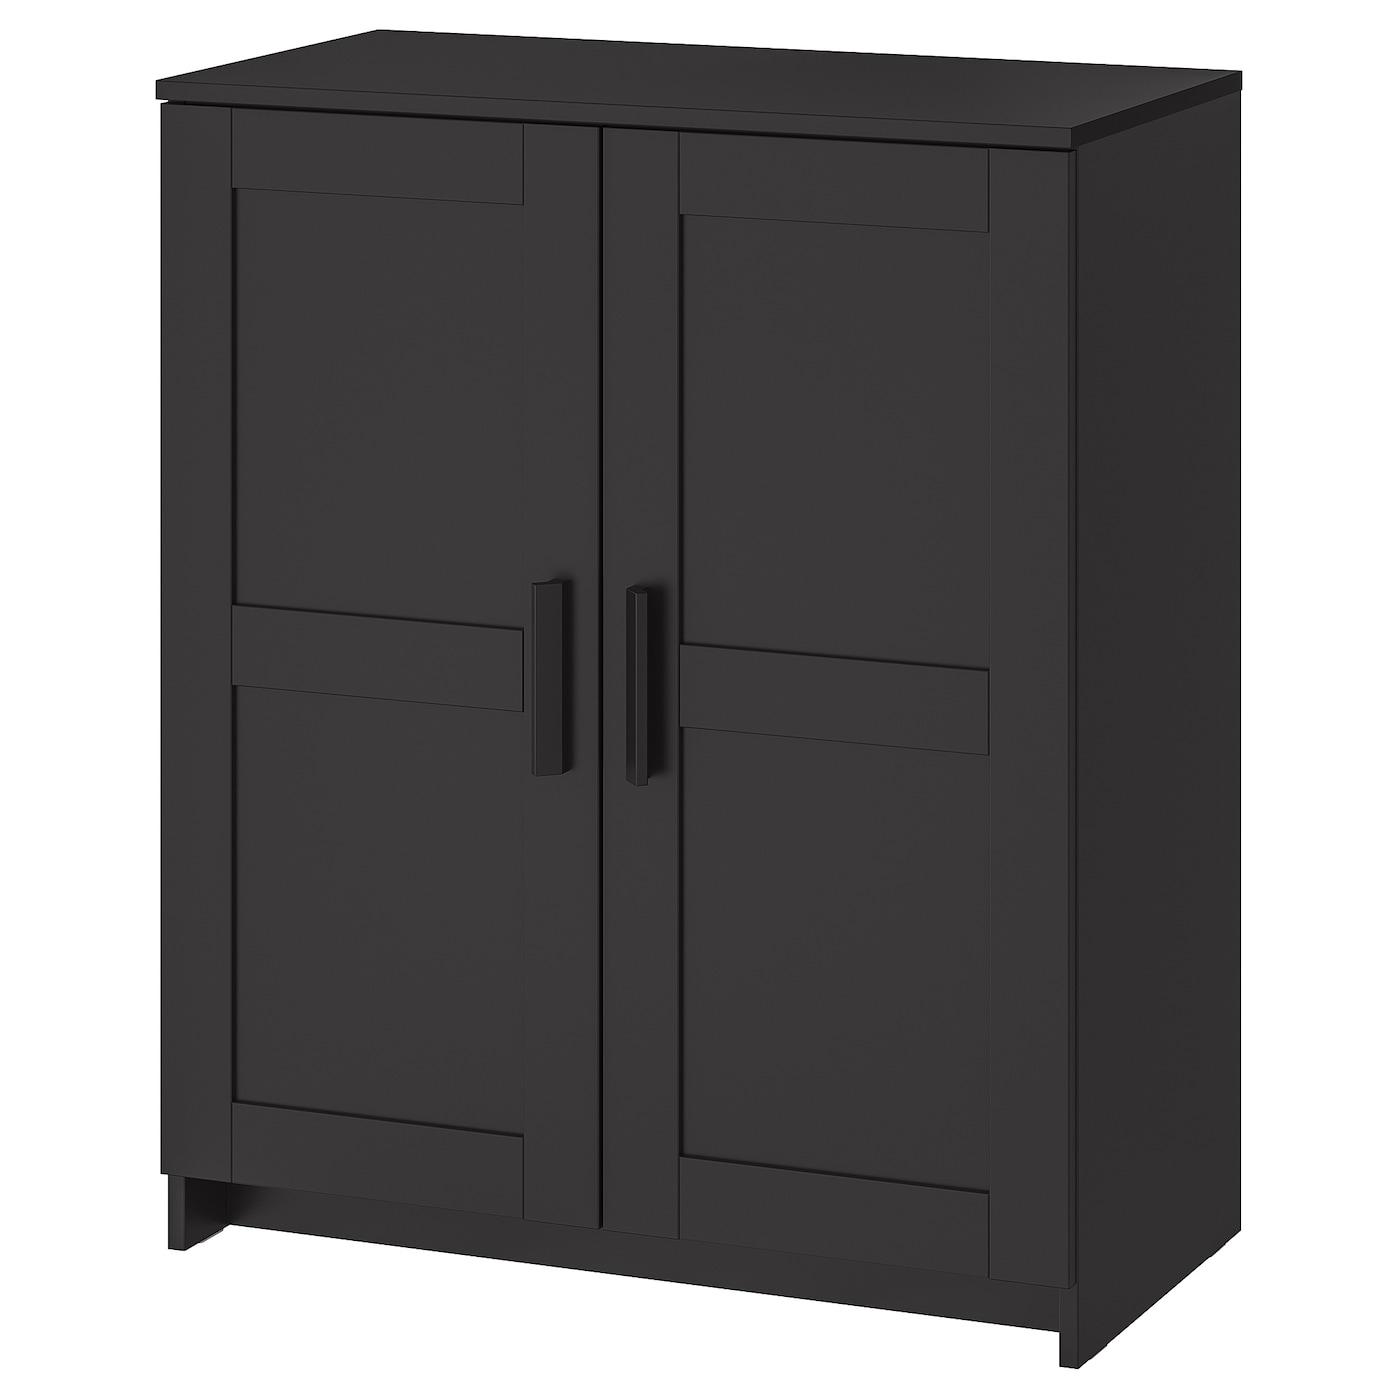 Brimnes Cabinet With Doors Black Ikea Switzerland